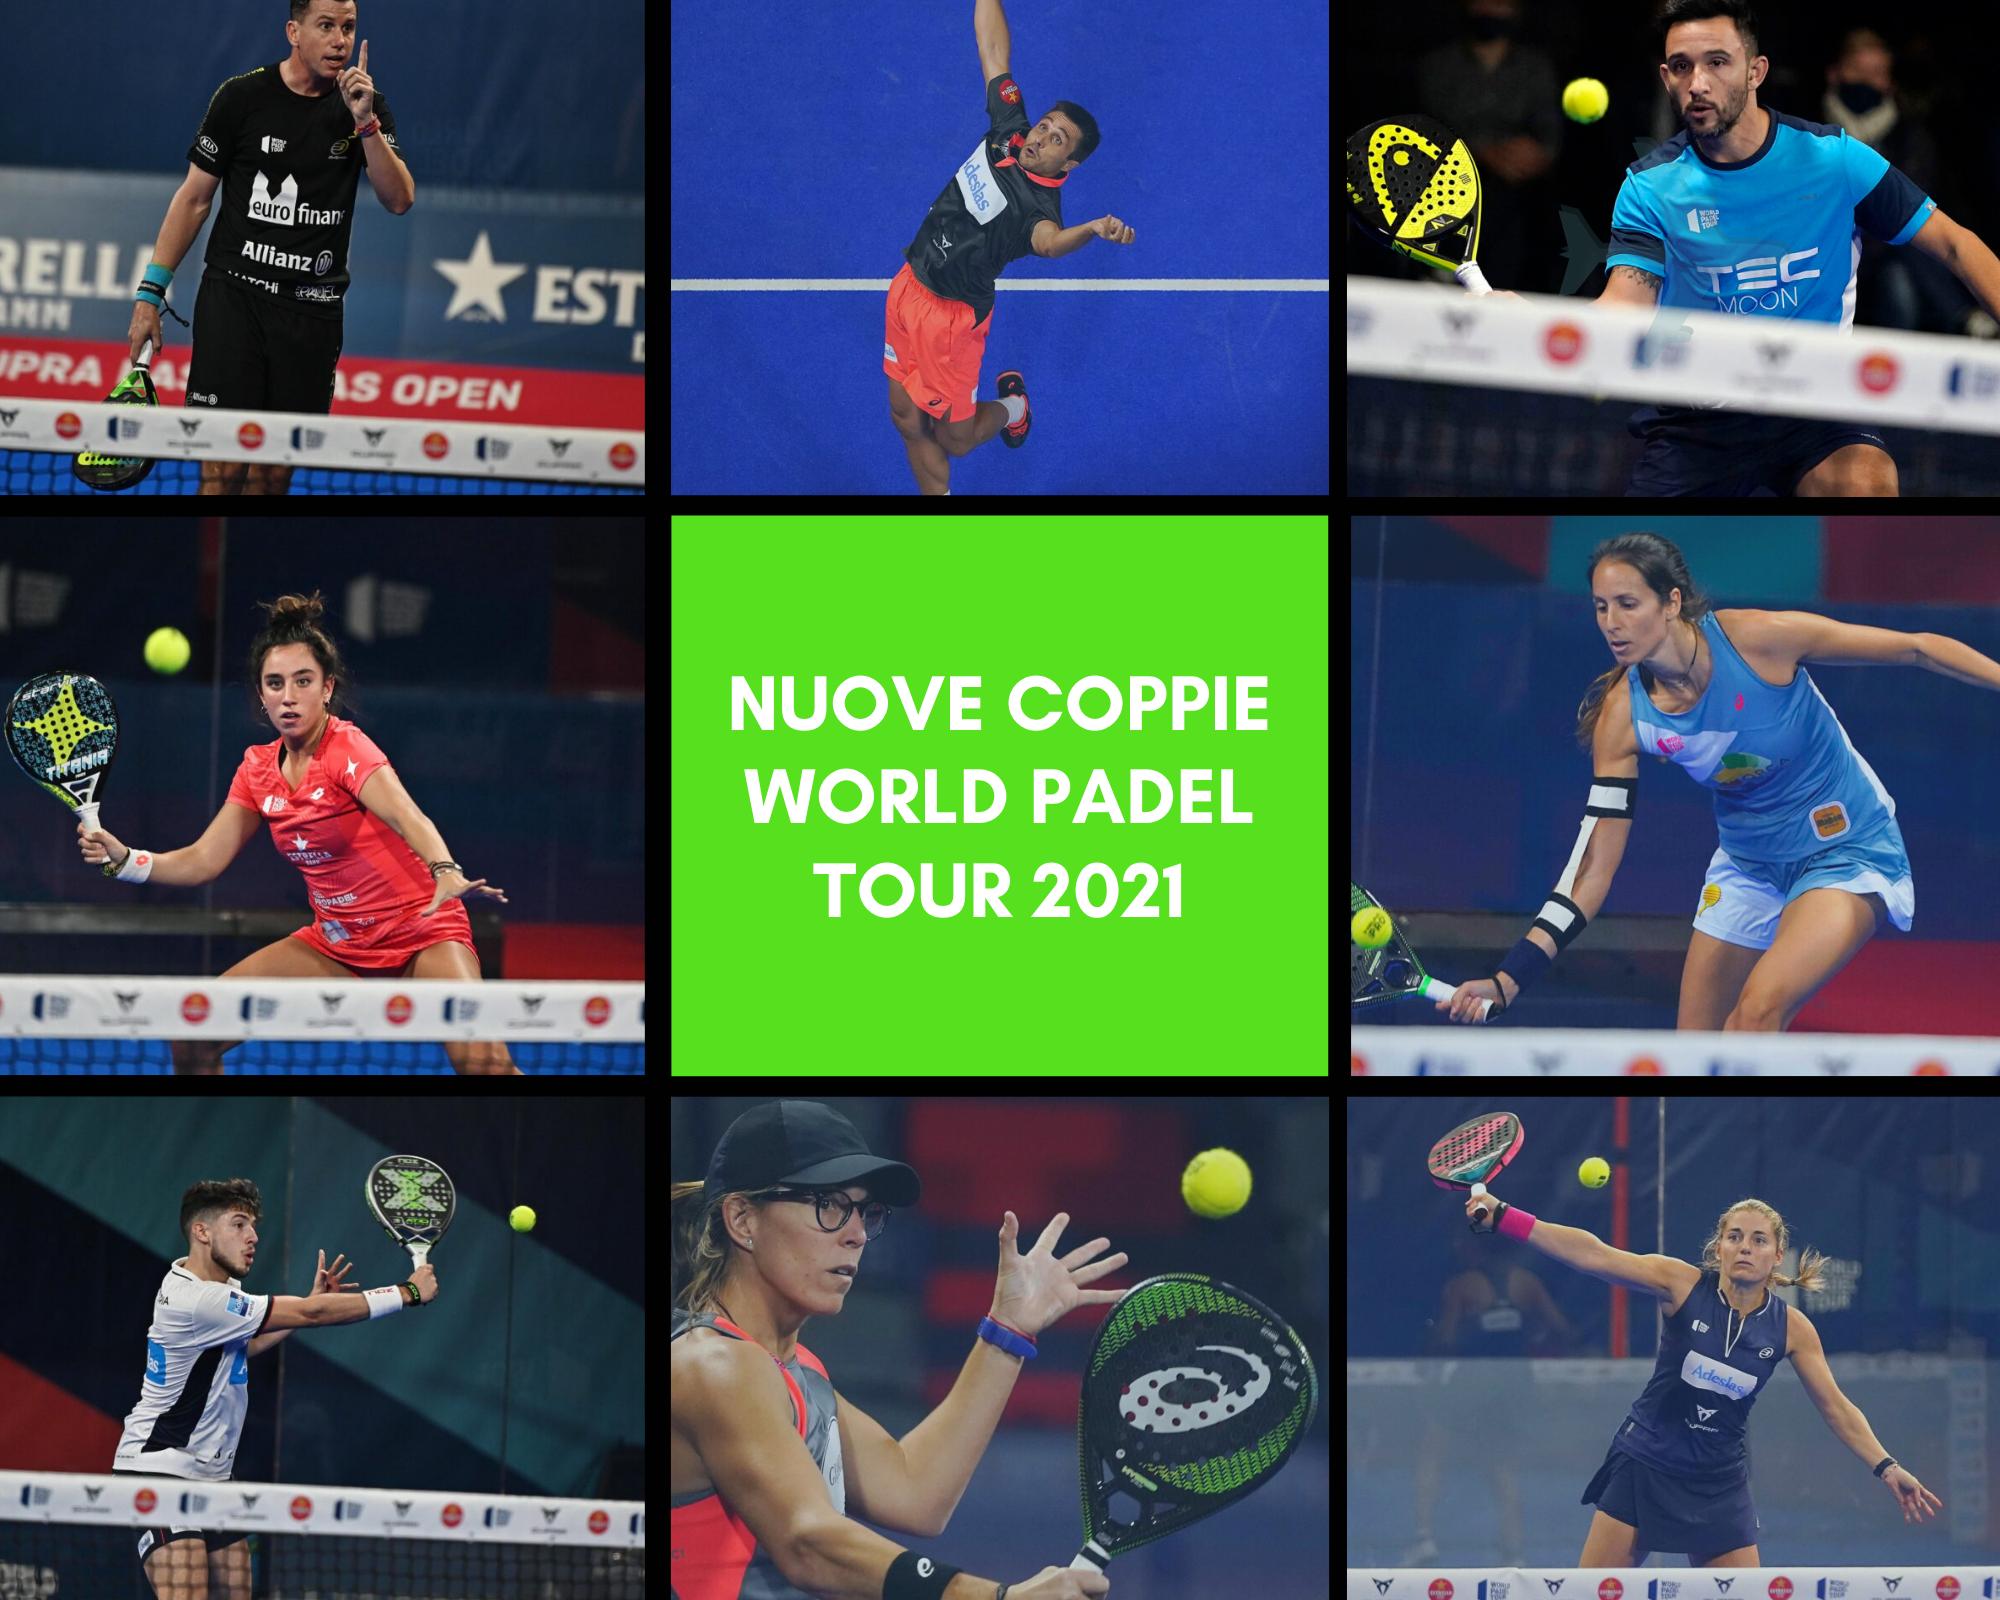 Le nuove coppie World Padel Tour 2021